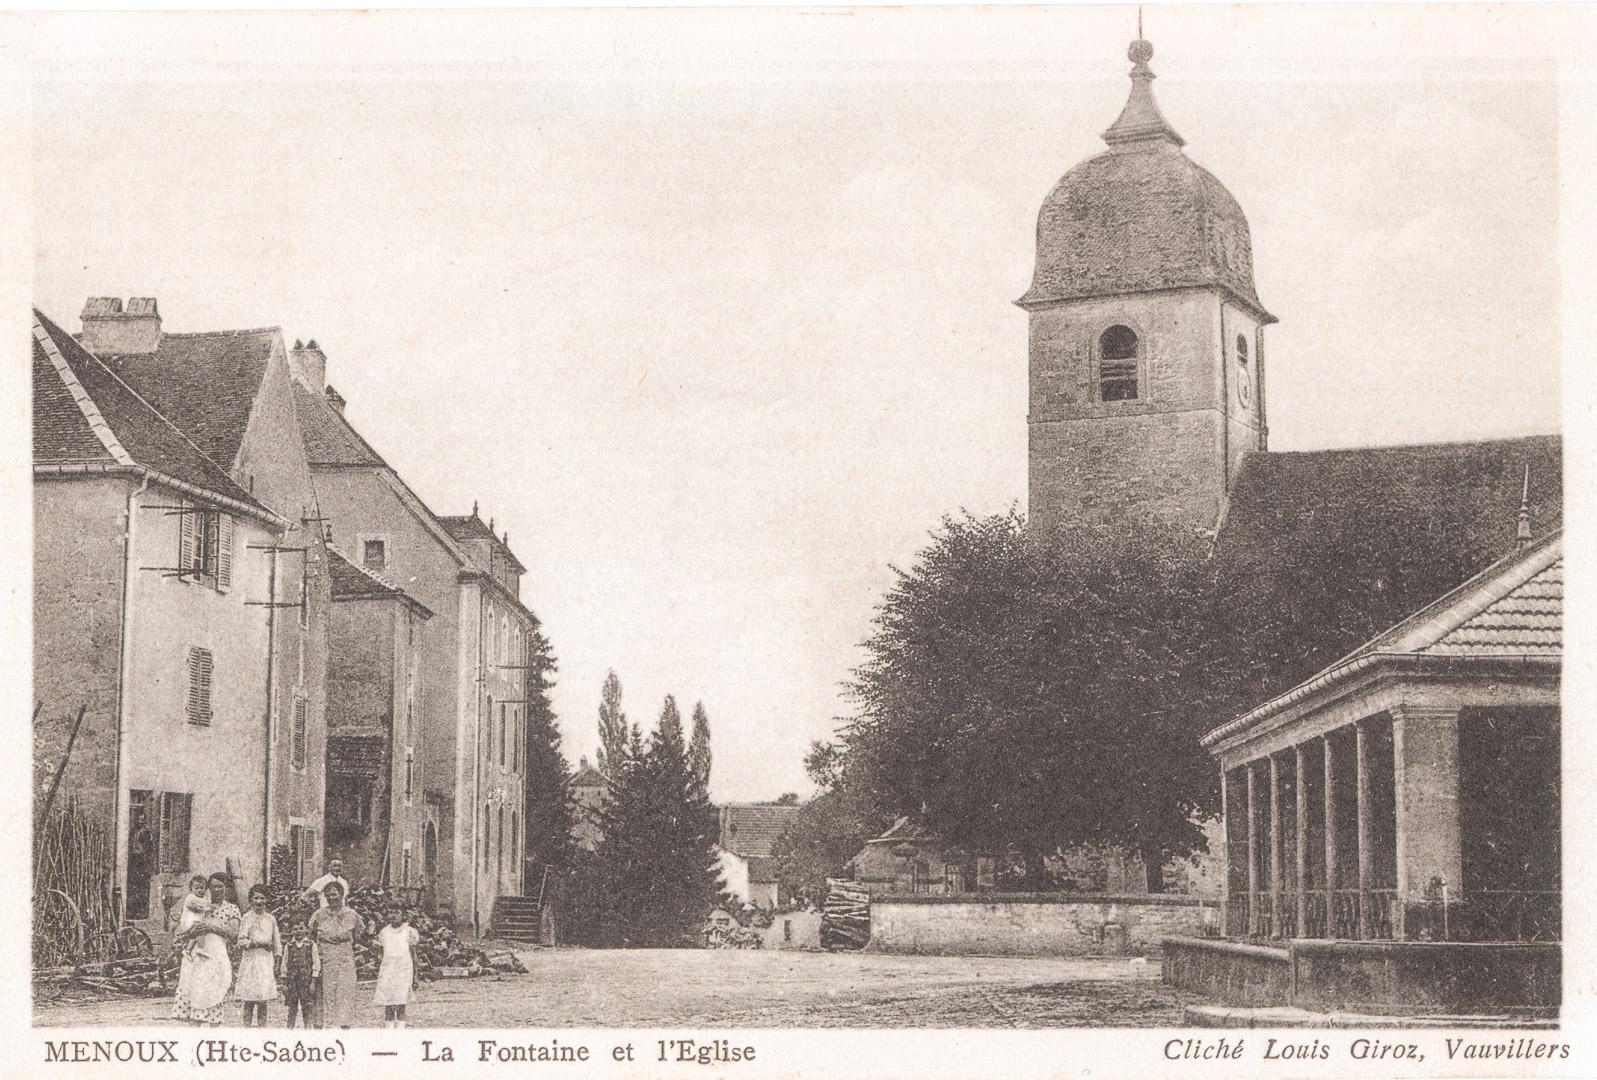 1900-1920_Menoux-cartPost-19